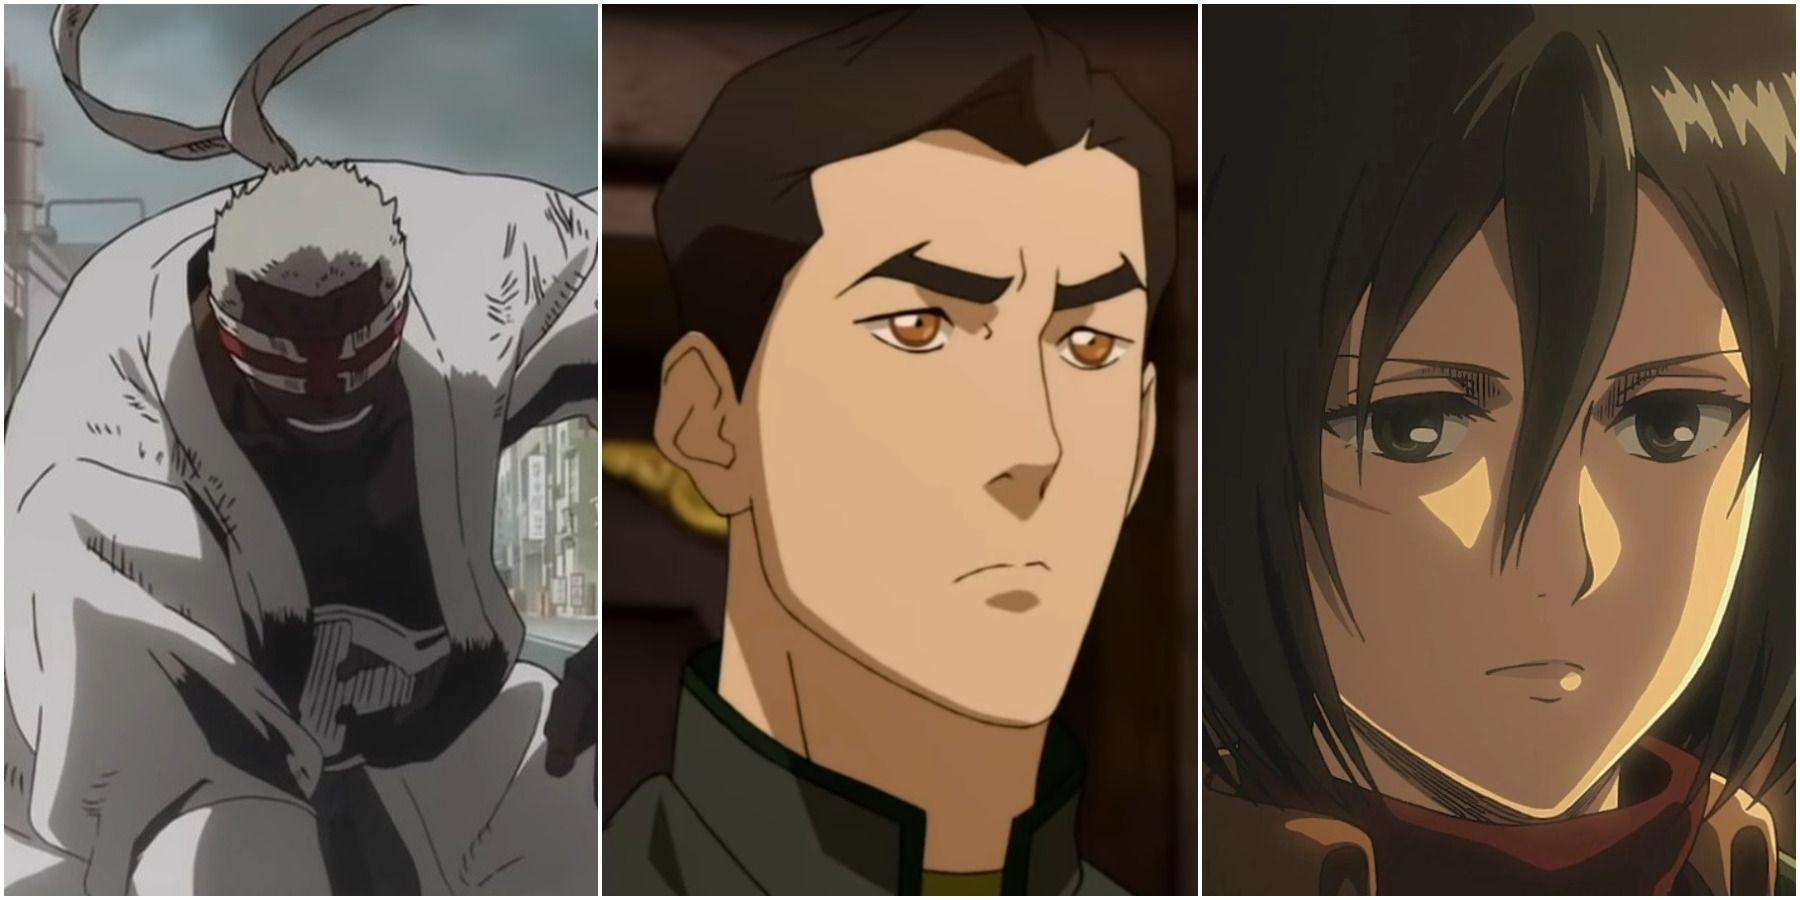 La leyenda de Korra: 5 personajes de anime que Mako puede